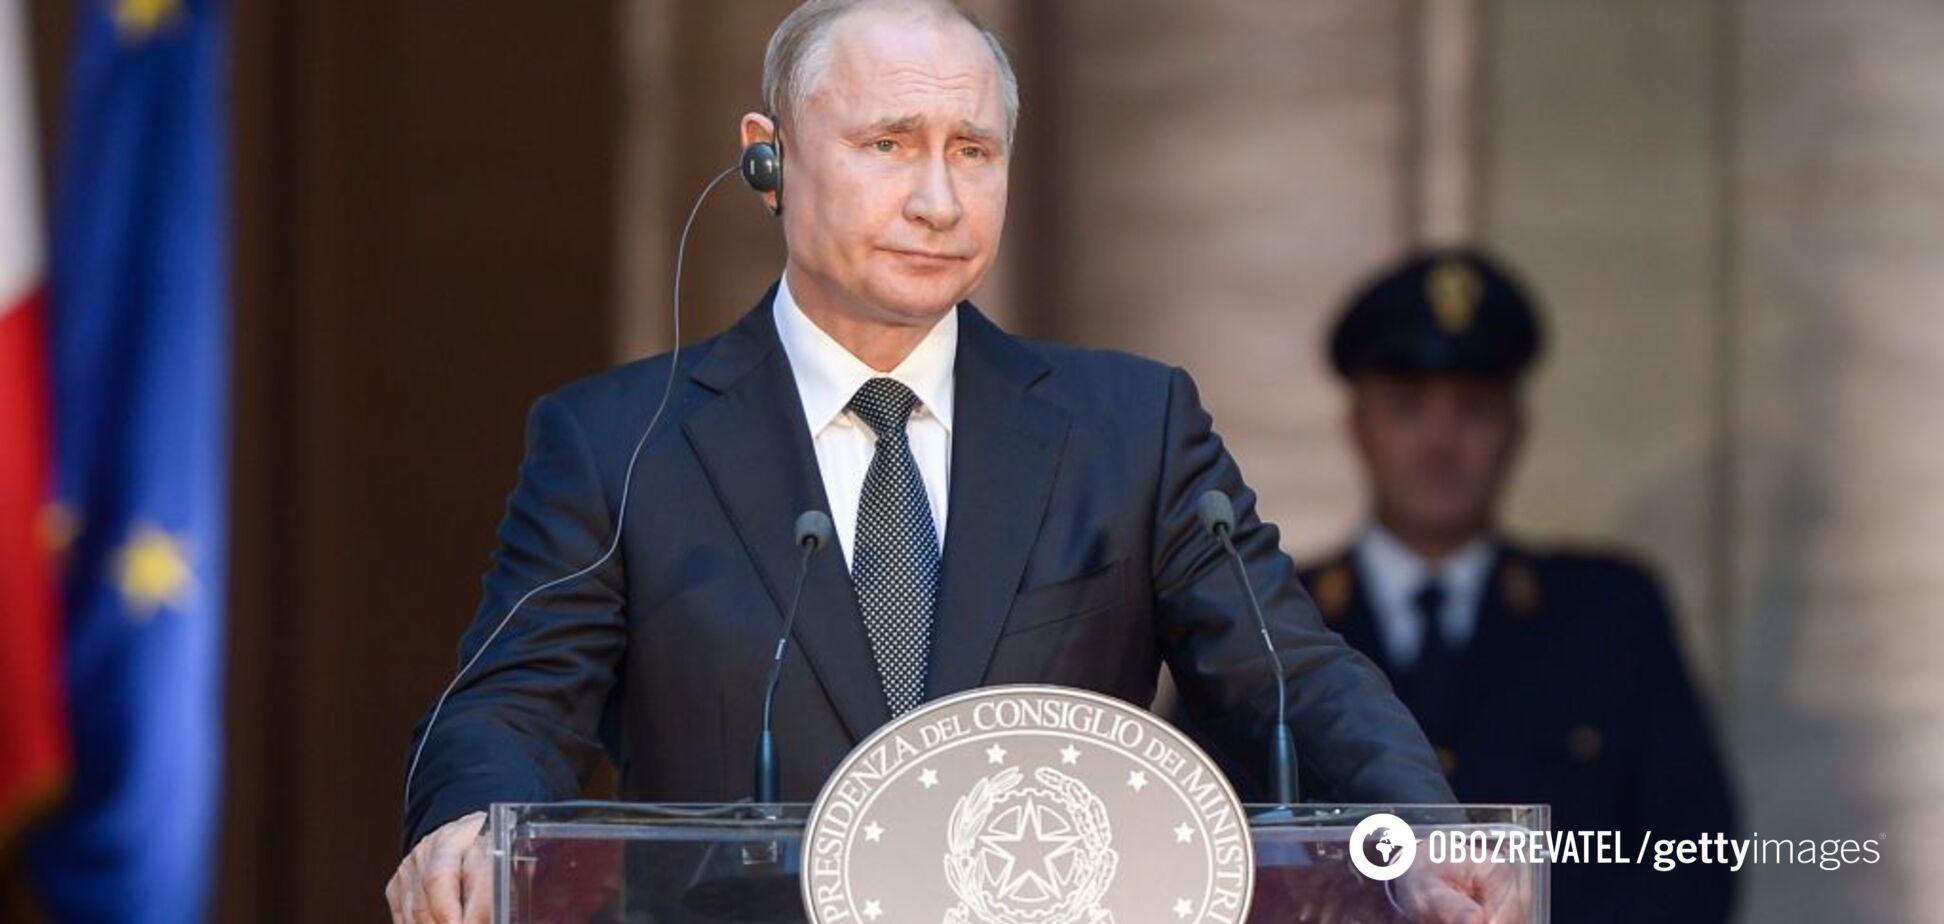 'Кошмарити Україну': розвідник розкрив підлий план Путіна